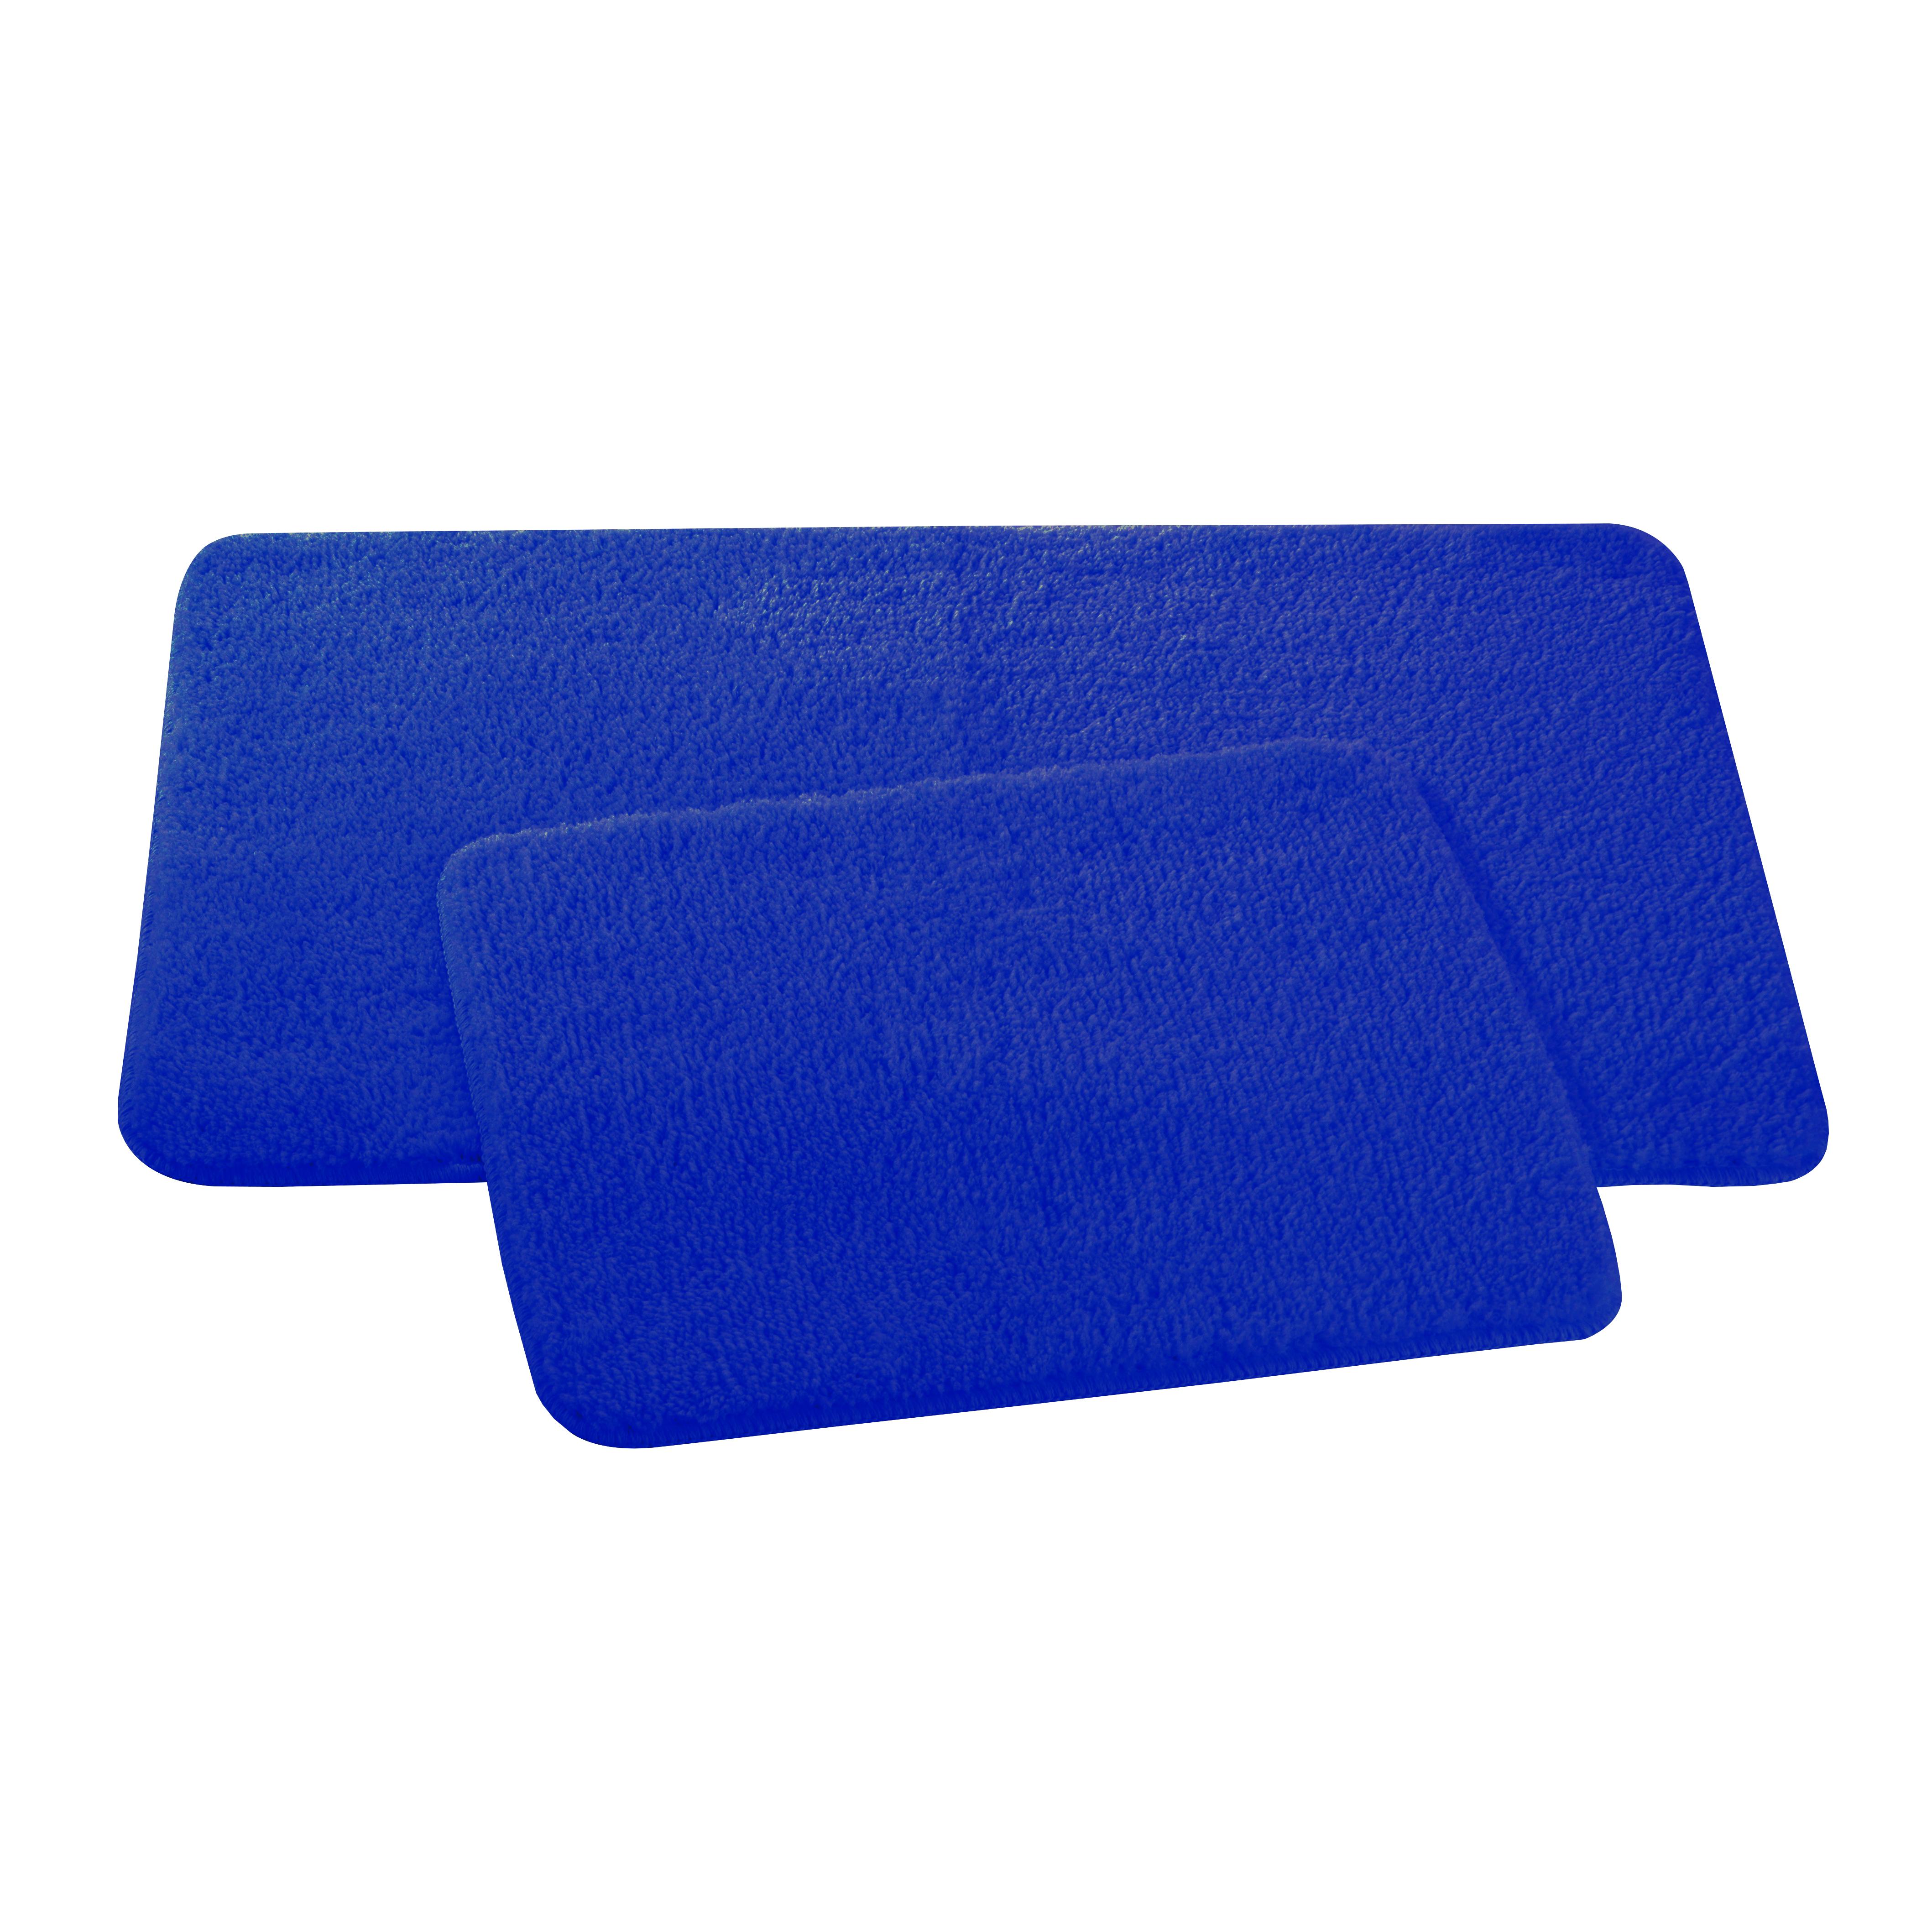 Набор ковриков для ванной и туалета Axentia, цвет: синий, 2 шт116133Набор Axentia, выполненный из микрофибры (100% полиэстер), состоит из двух стеганых ковриков для ванной комнаты и туалета. Противоскользящее основание изготовлено из термопластичной резины и подходит для полов с подогревом. Коврики мягкие и приятные на ощупь, отлично впитывают влагу и быстро сохнут. Высокая износостойкость ковриков и стойкость цвета позволит вам наслаждаться покупкой долгие годы. Можно стирать в стиральной машине. Размер ковриков: 50 х 80 см; 50 х 40 см. Высота ворса 1,5 см.